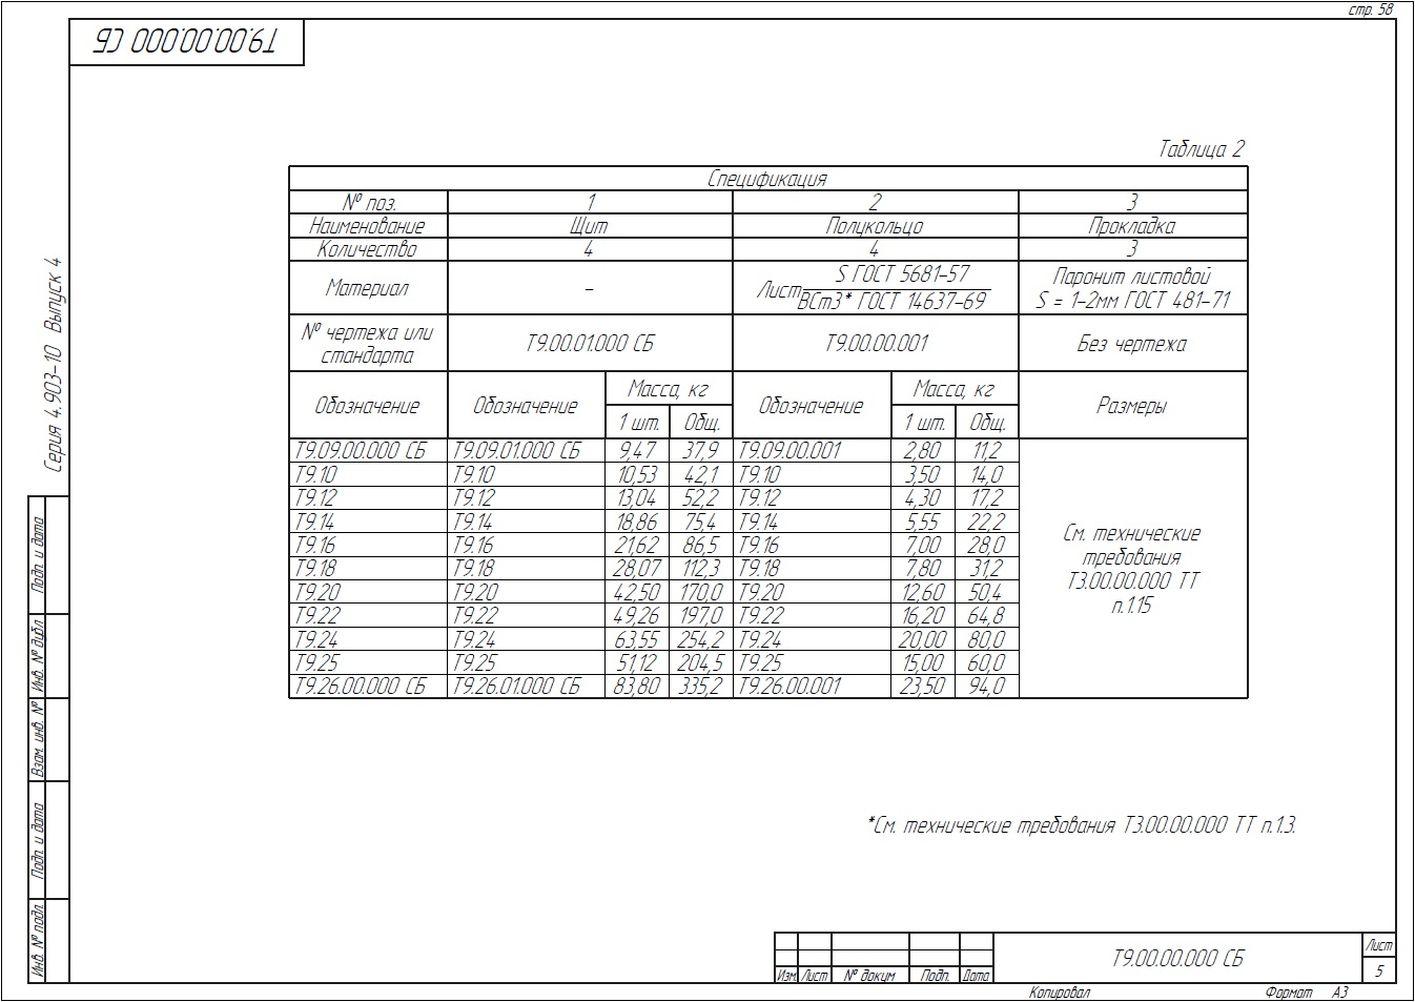 Опора неподвижная щитовая усиленная Т9 серия 4.903-10 вып.4 стр.5